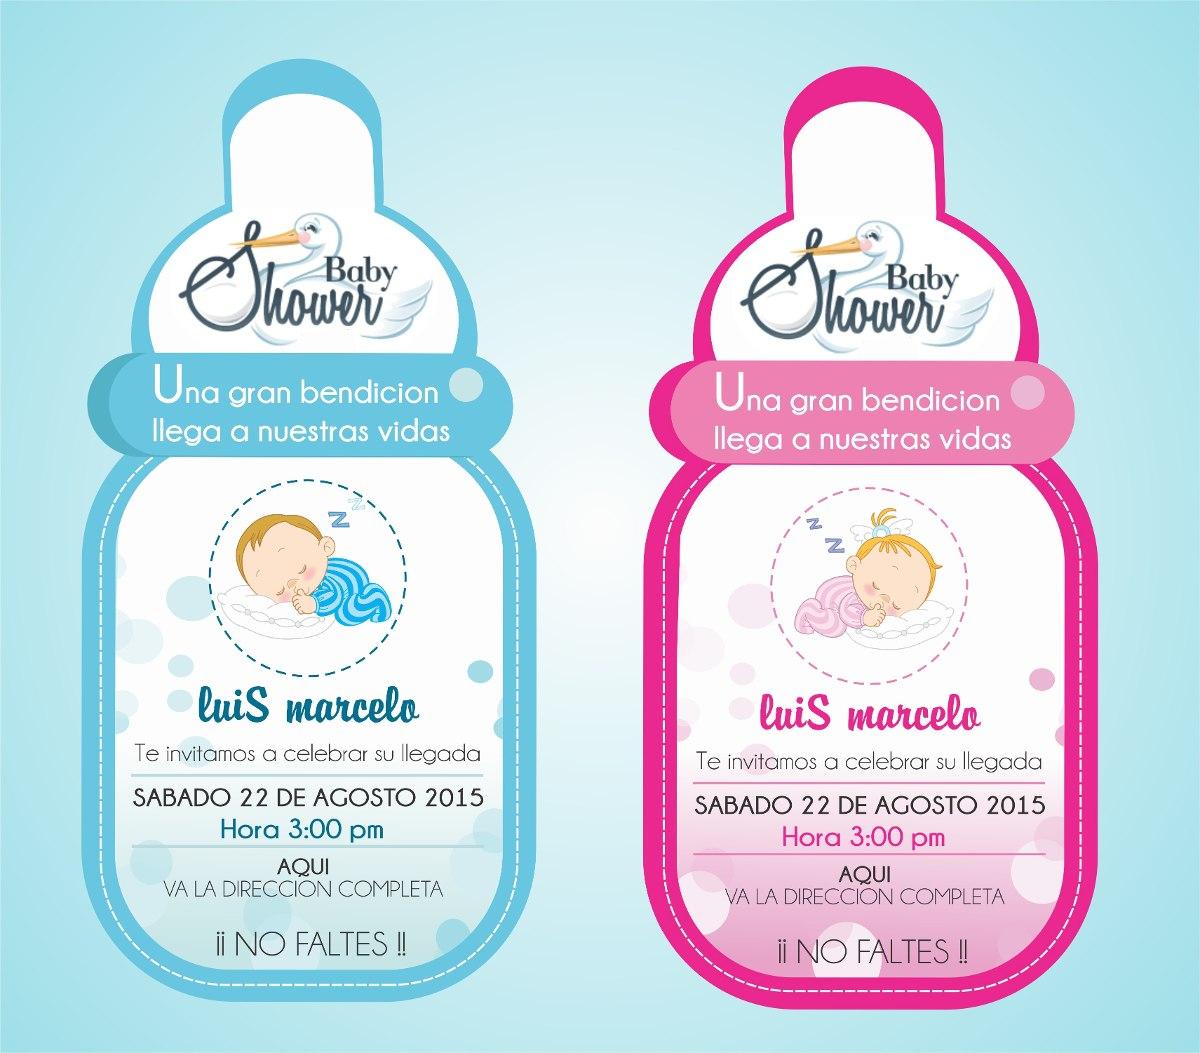 Tarjetas De Invitación Baby Shower, Bautizo Y Comunion.